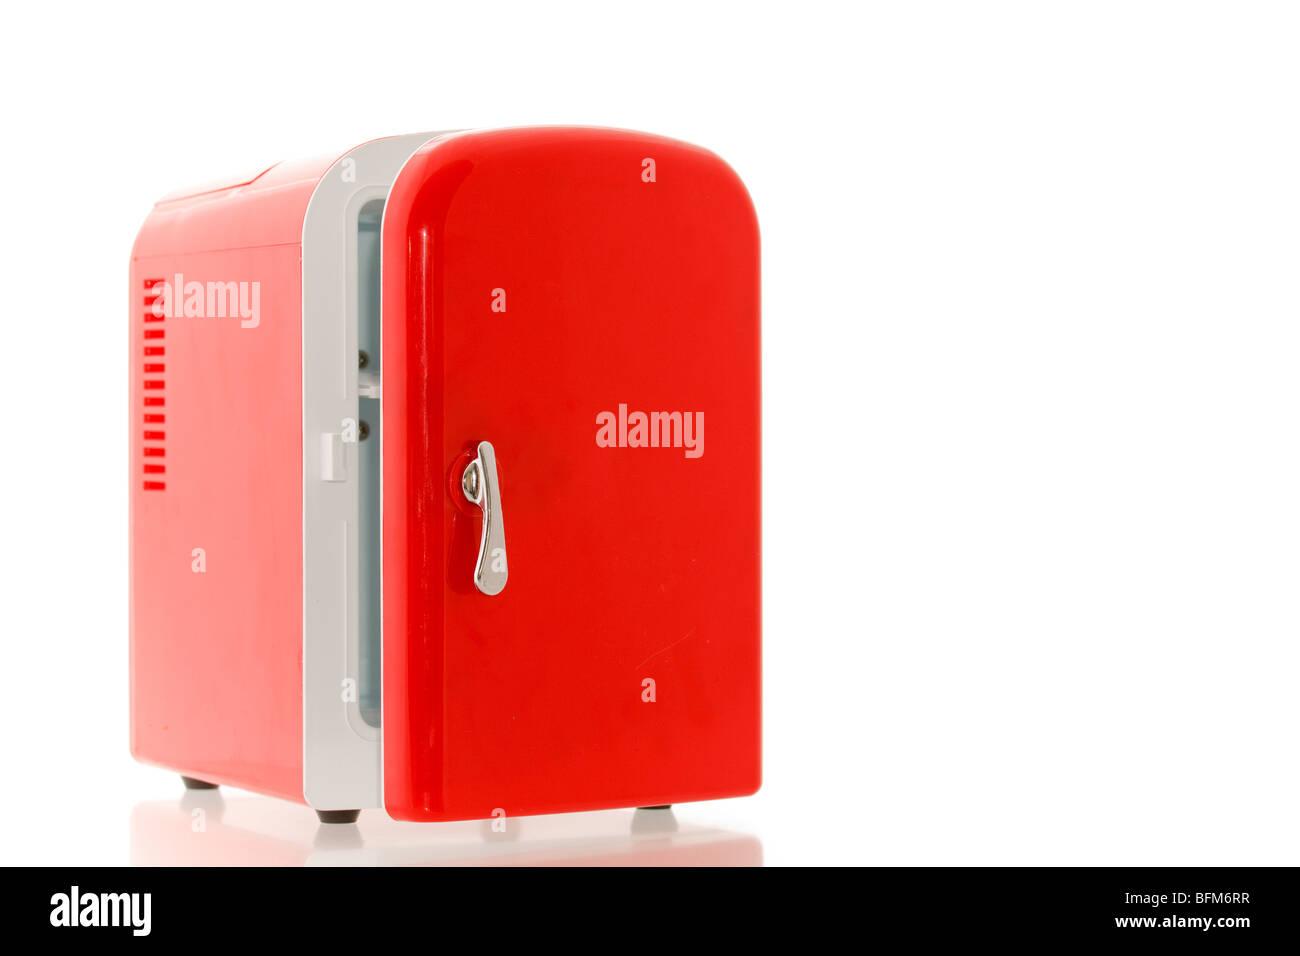 Mini Kühlschrank Ok : Glänzend hell rot mini kühlschrank stockfoto bild  alamy